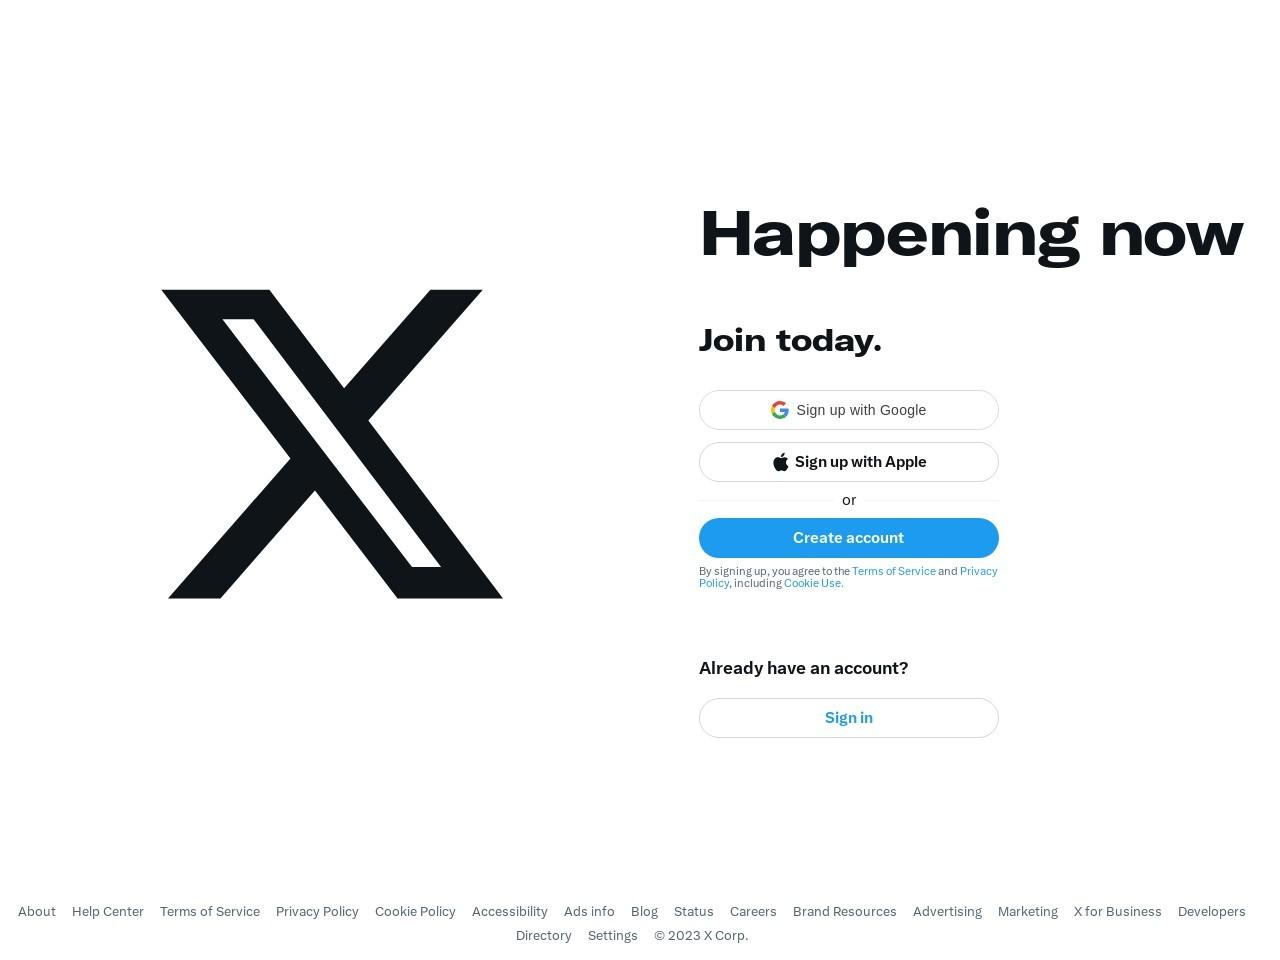 Twitter therealgianna